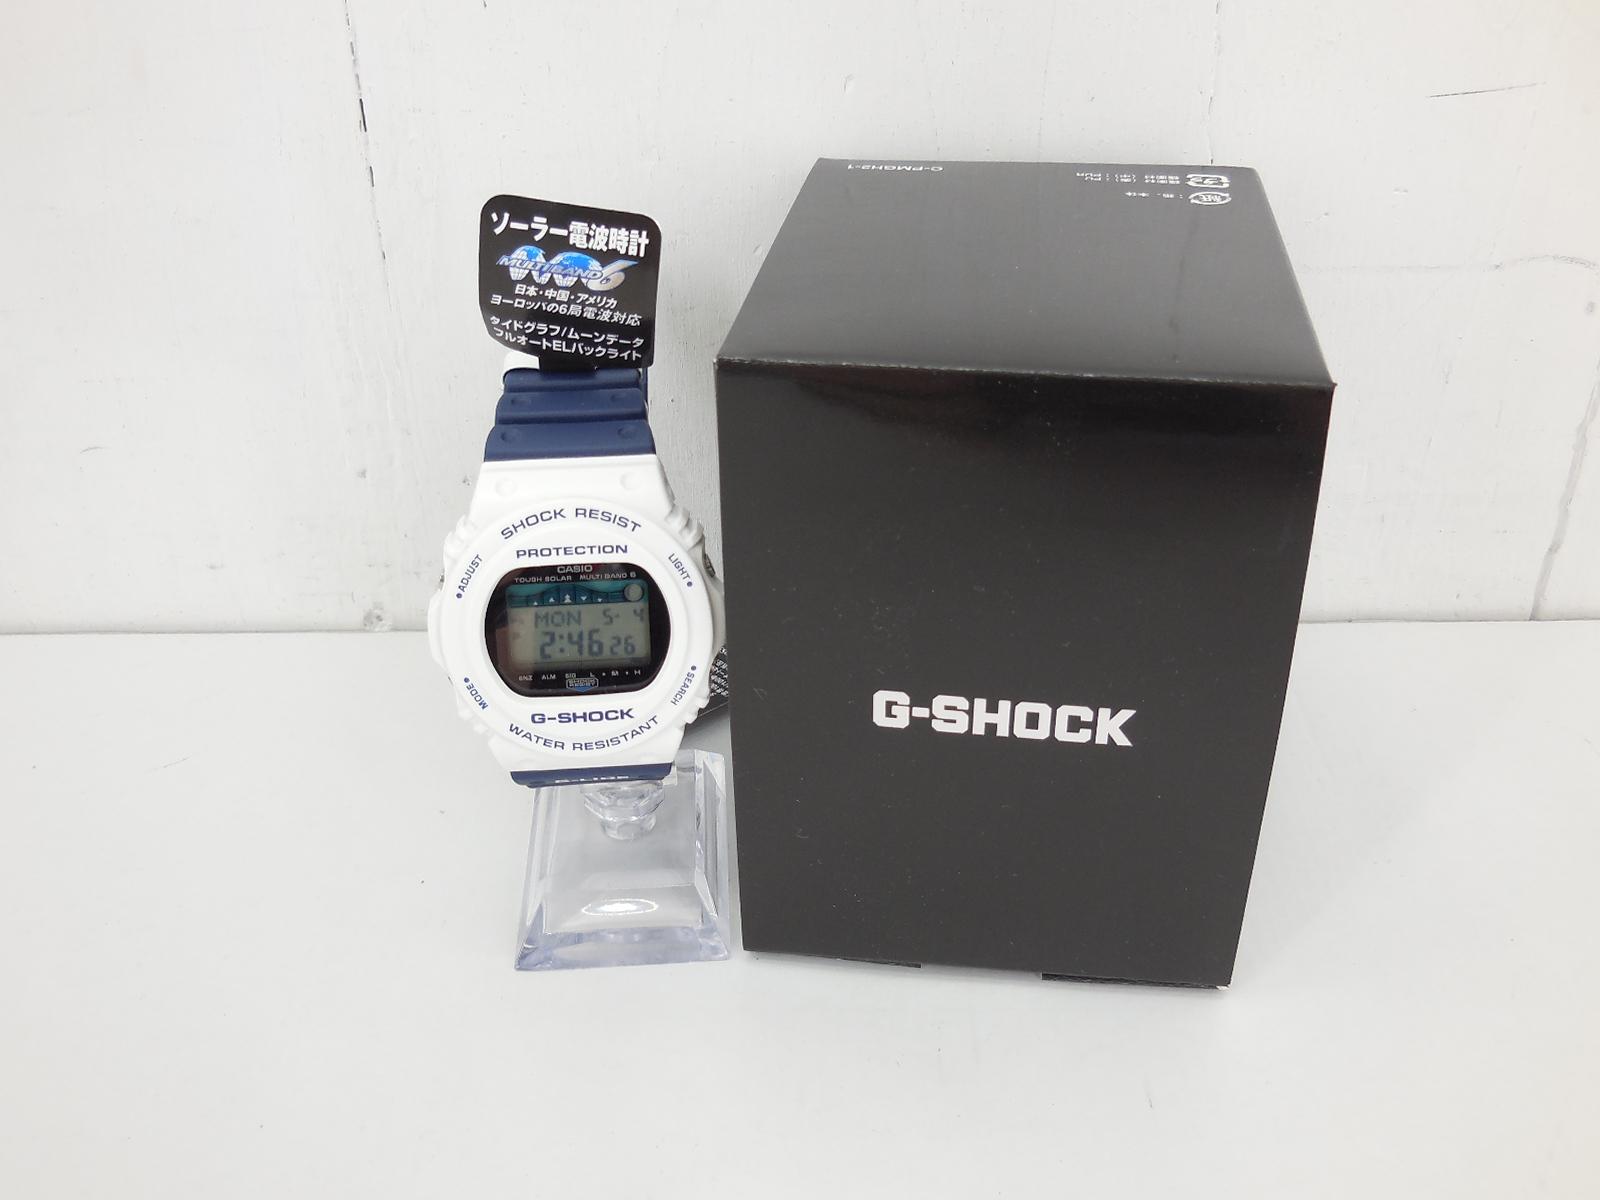 G-SHOCK GWX-5700SS-7JF ジーショック 電波ソーラー ホワイト×ネイビー 時計 ウォッチ